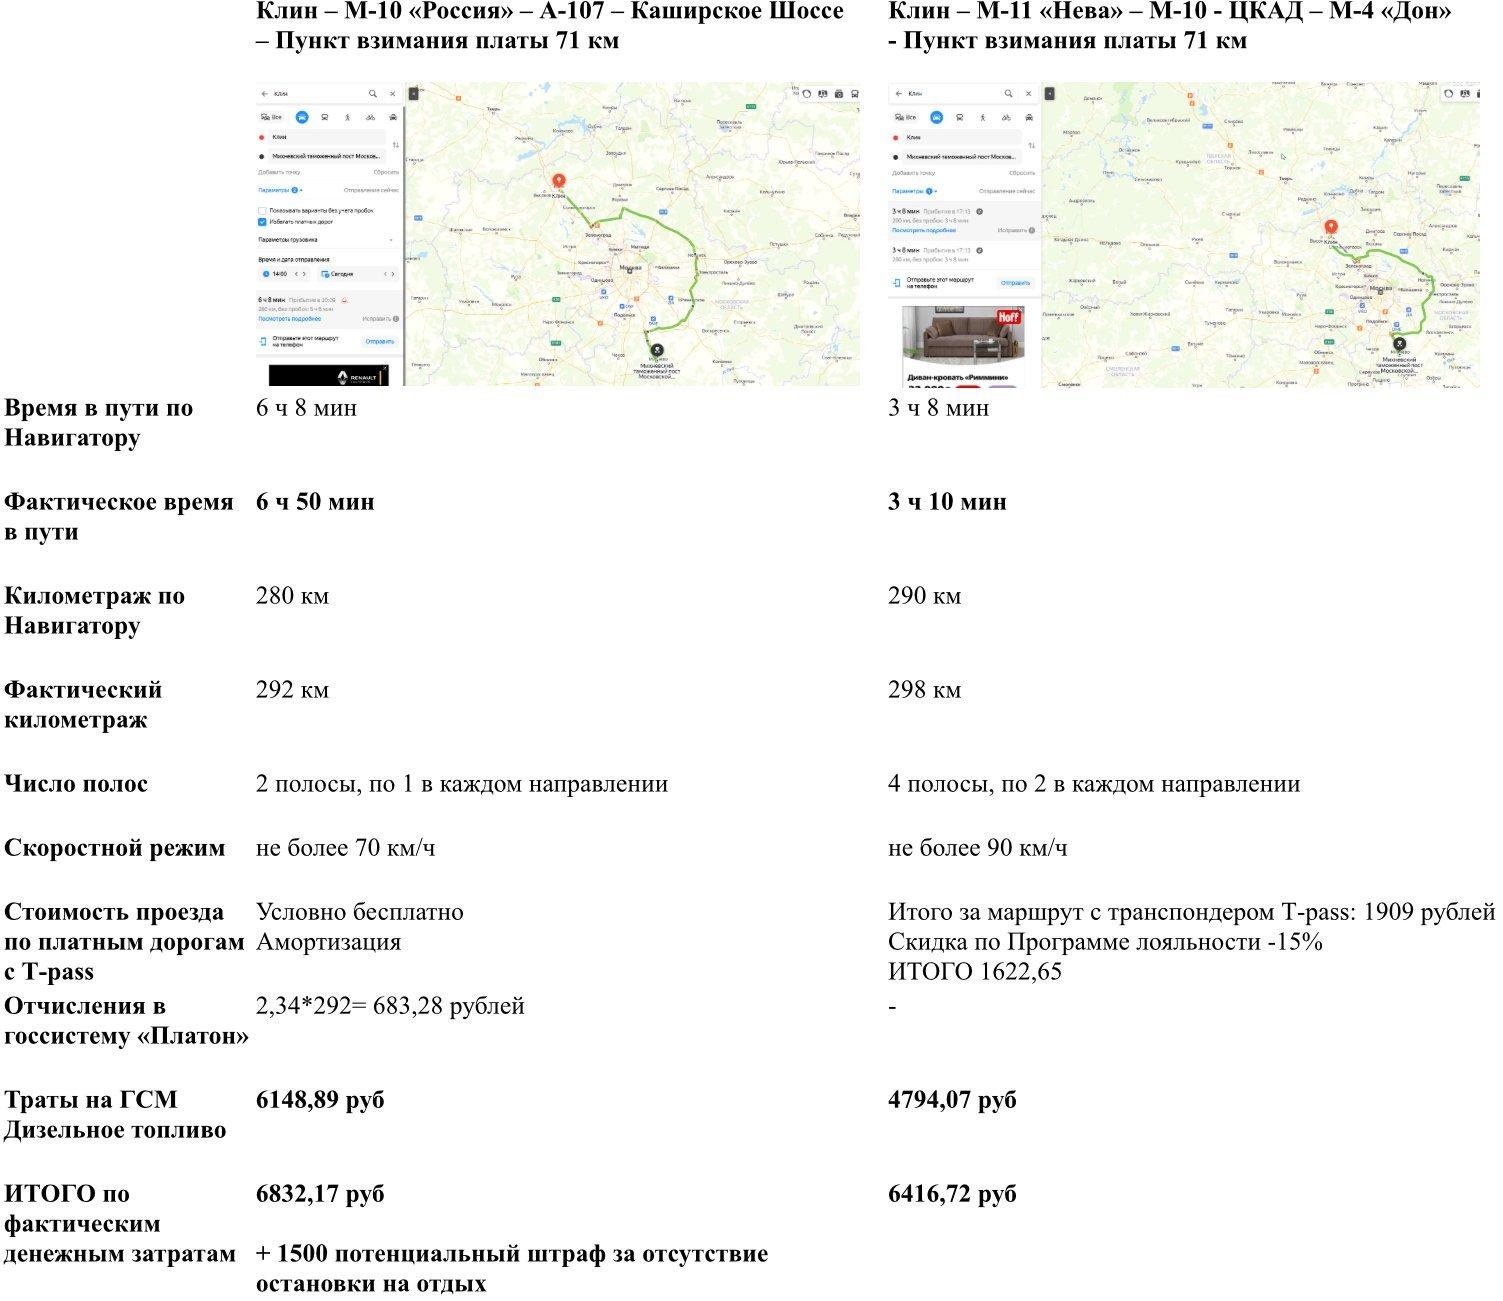 Платные дороги против бесплатных. Сравнили затраты и сделали неожиданный вывод